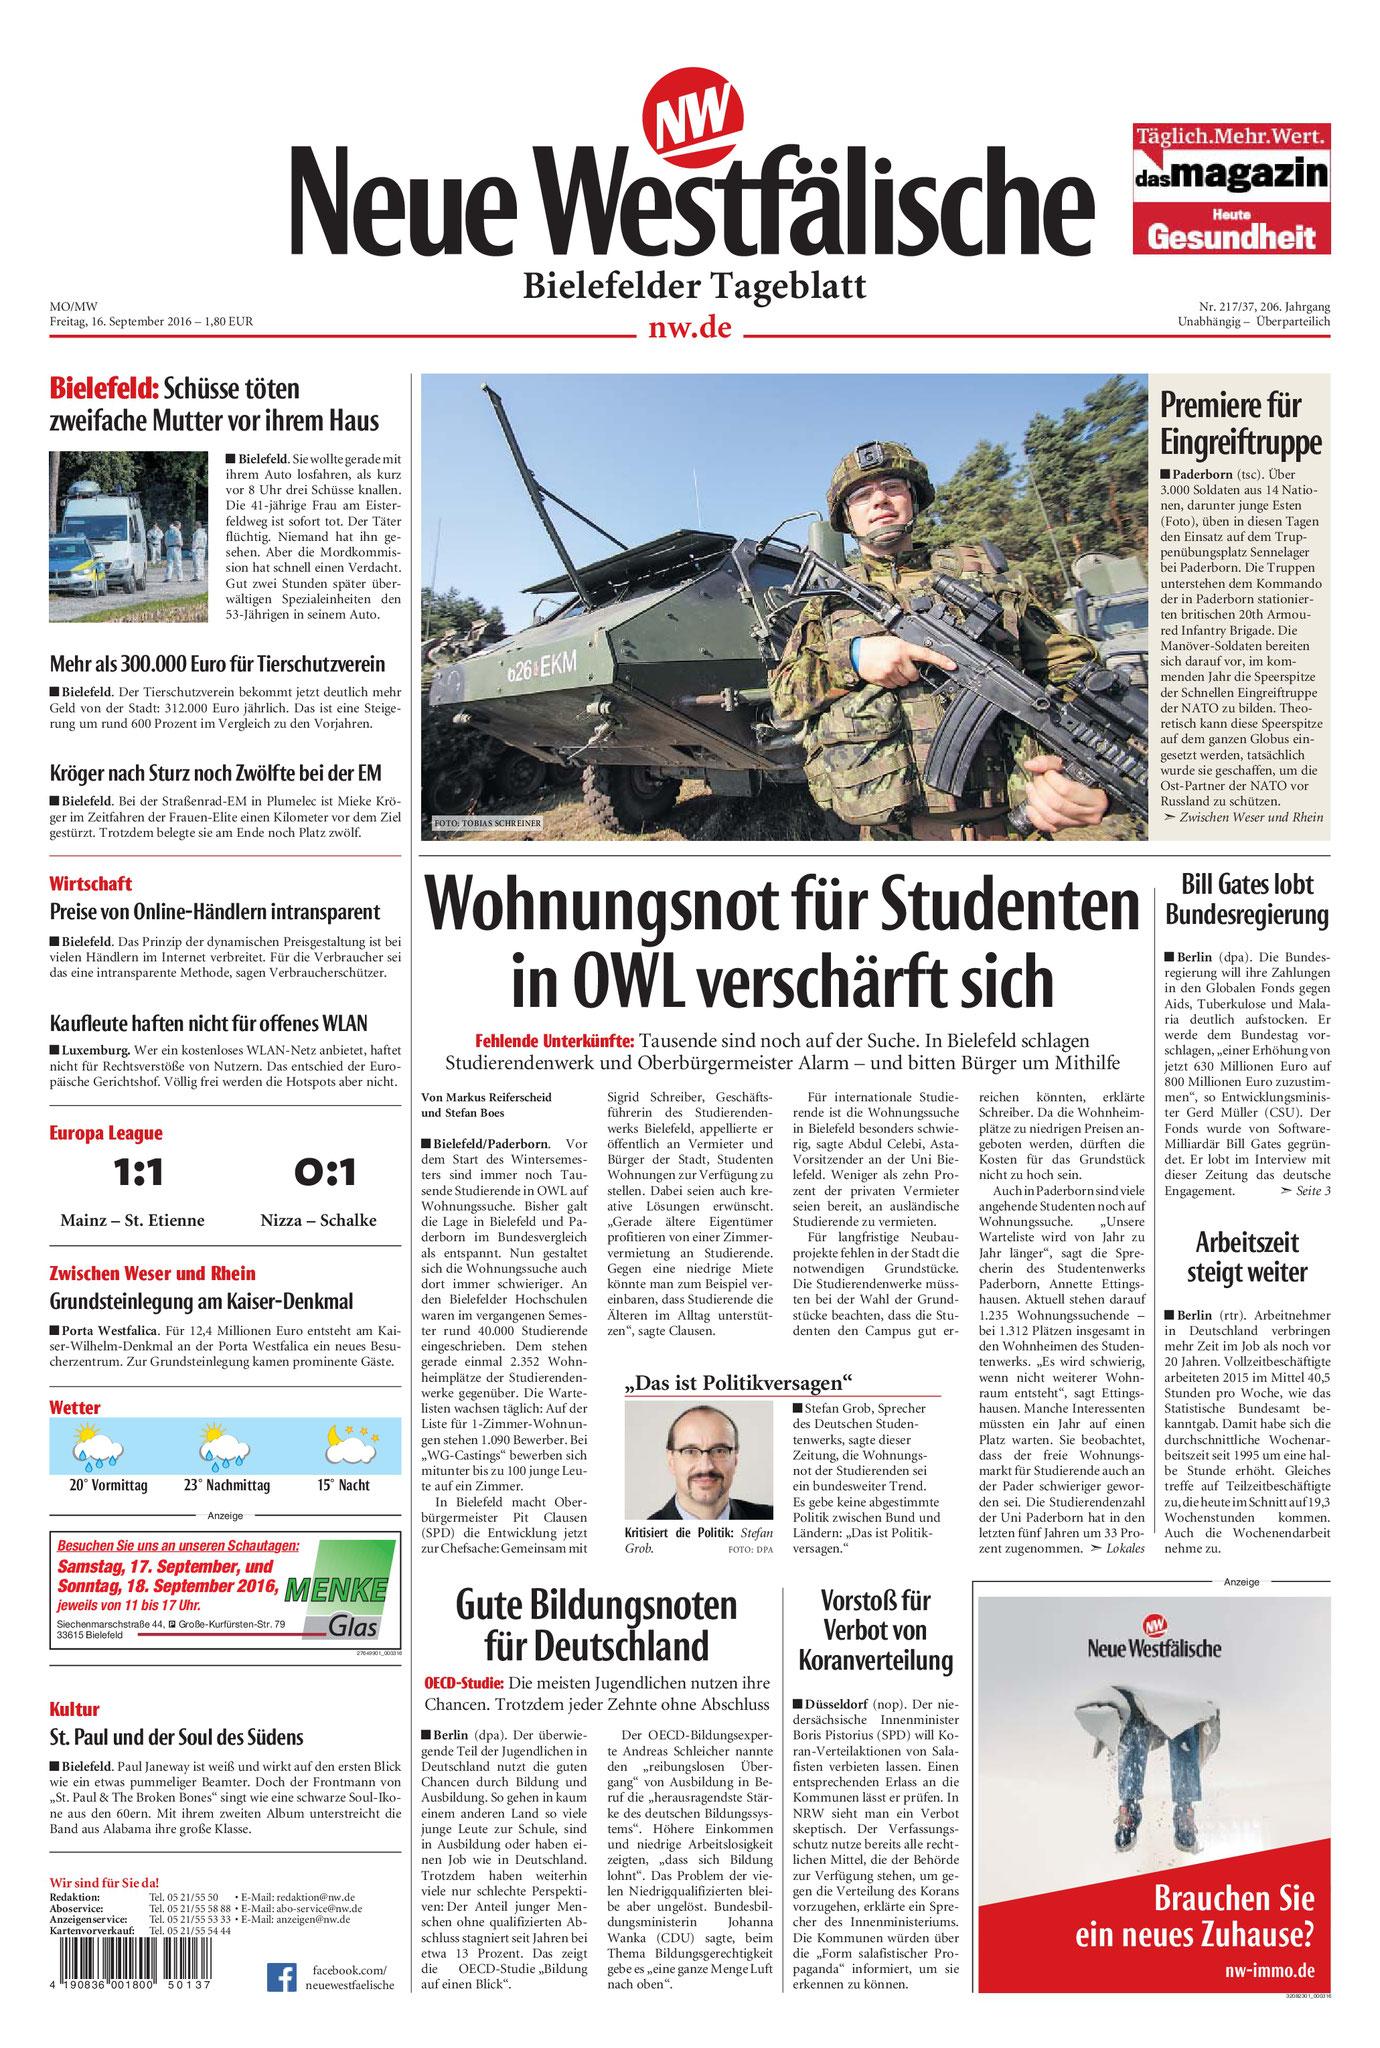 Neue Westfälische, [16.09.2016].  Texte und Fotos aus der Neuen Westfälischen sind urheberrechtlich geschützt.  Weiterverwendung nur mit schriftlicher Genehmigung der Redaktion.